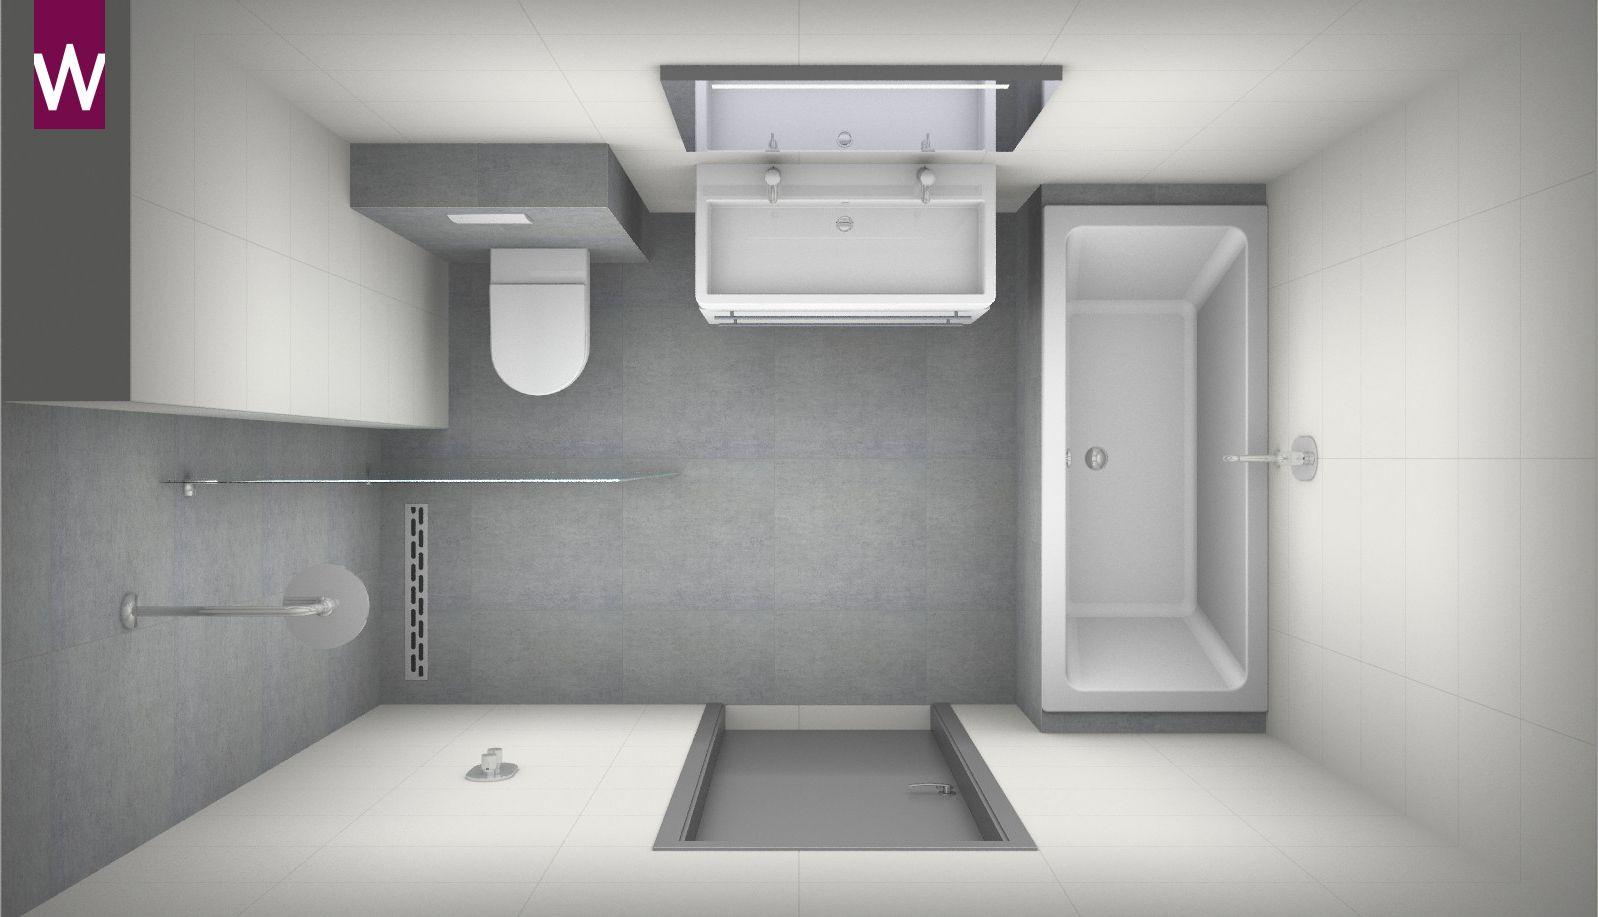 Badkamer ontwerpen? | Bäder, Badezimmer und Ideen